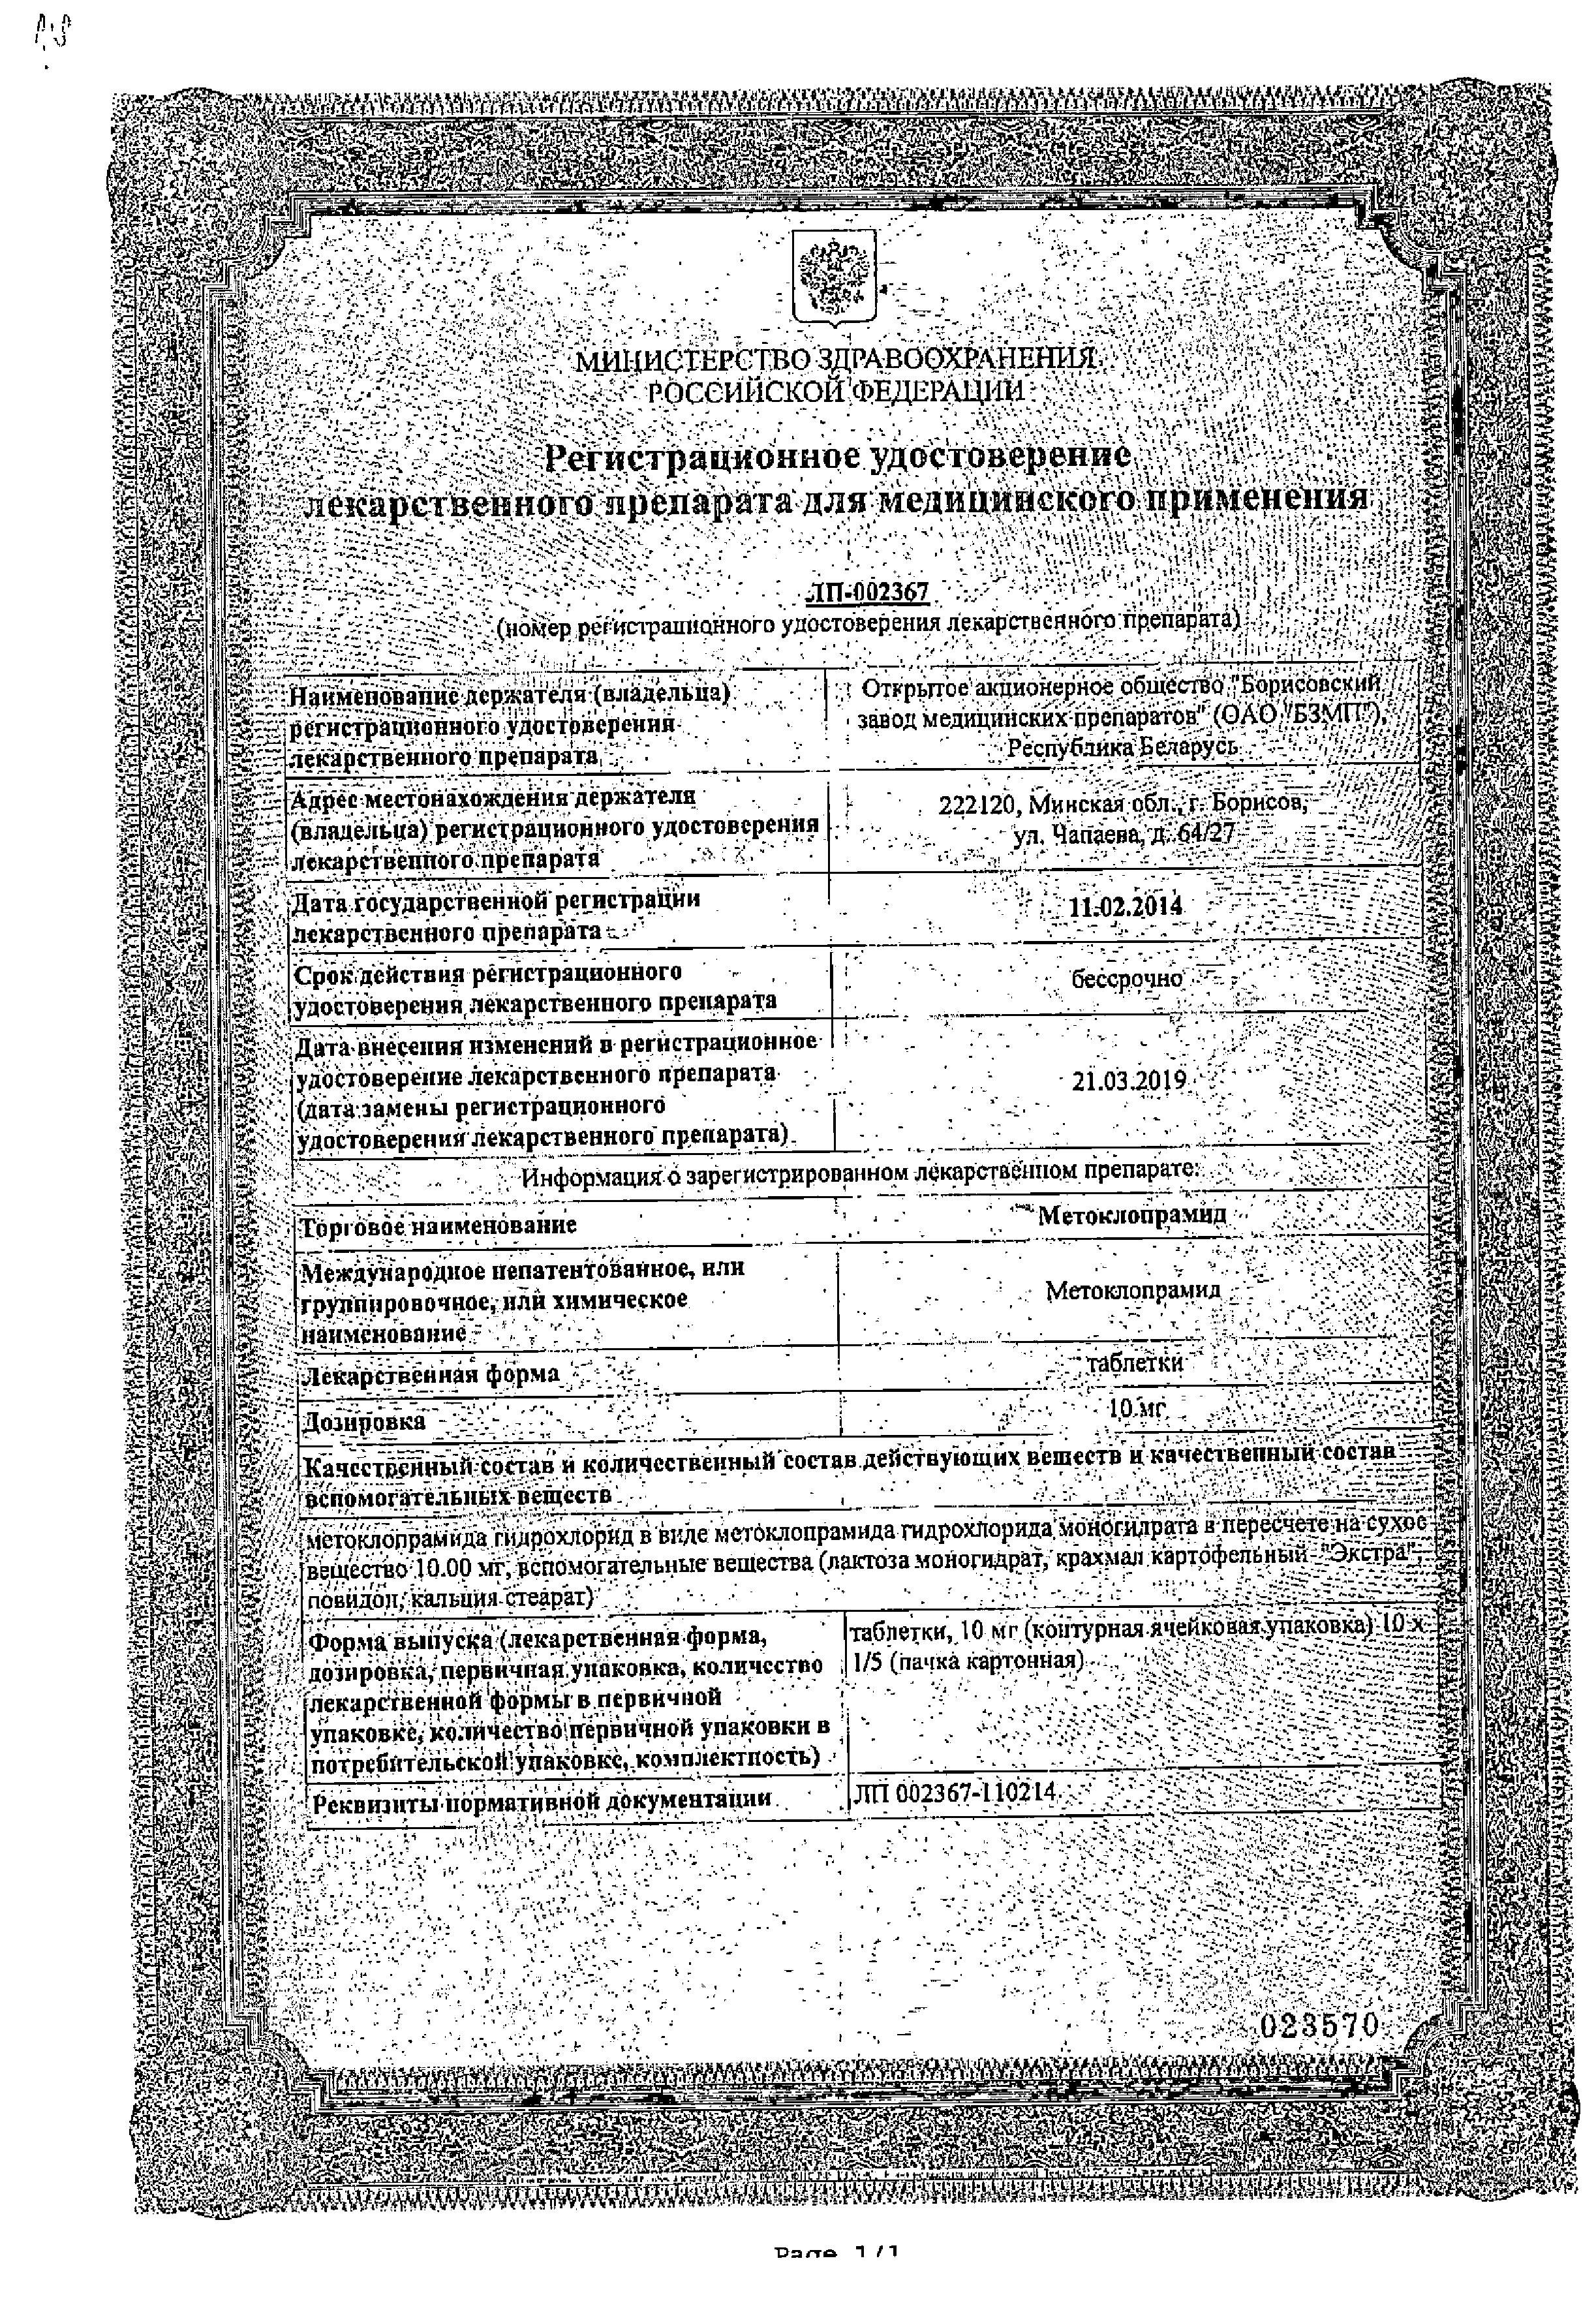 Метоклопрамид сертификат